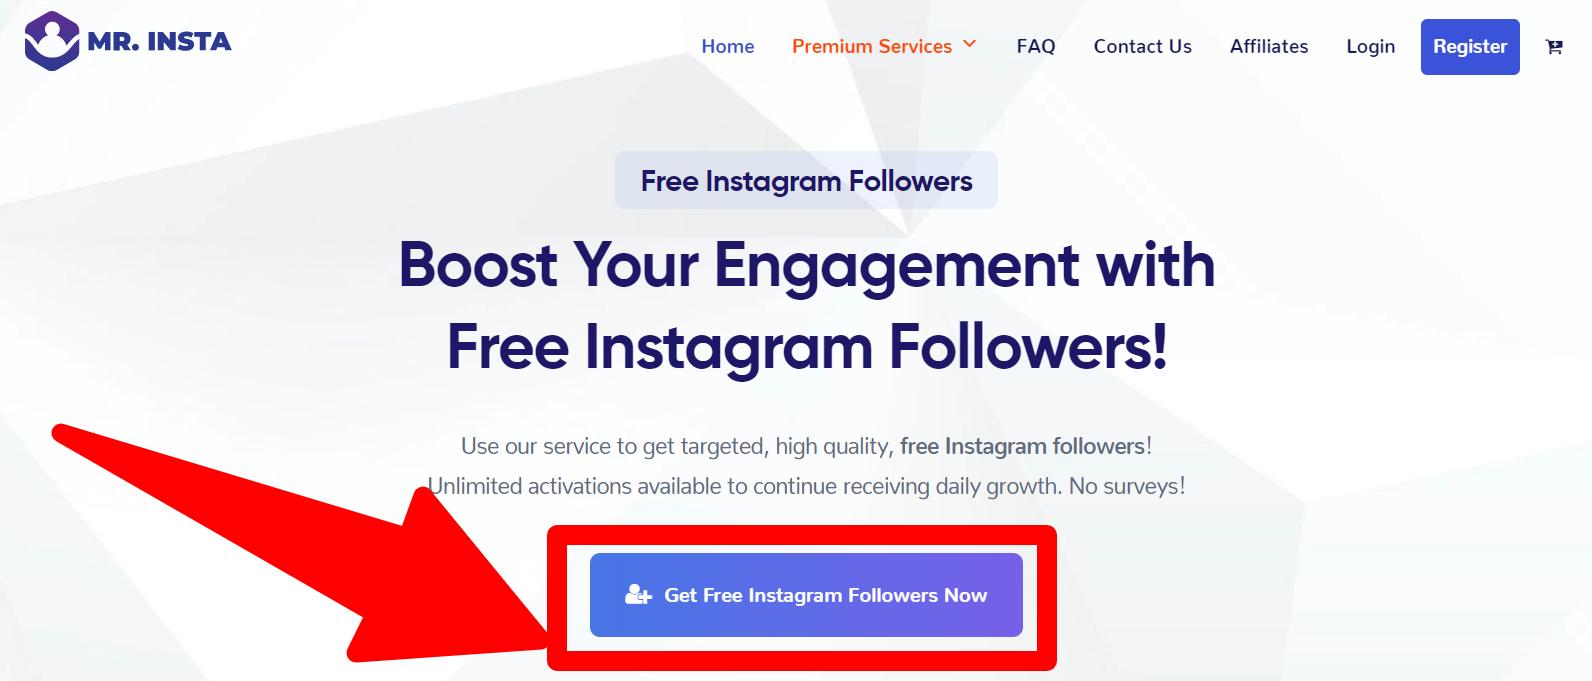 Free_Instagram_Followers